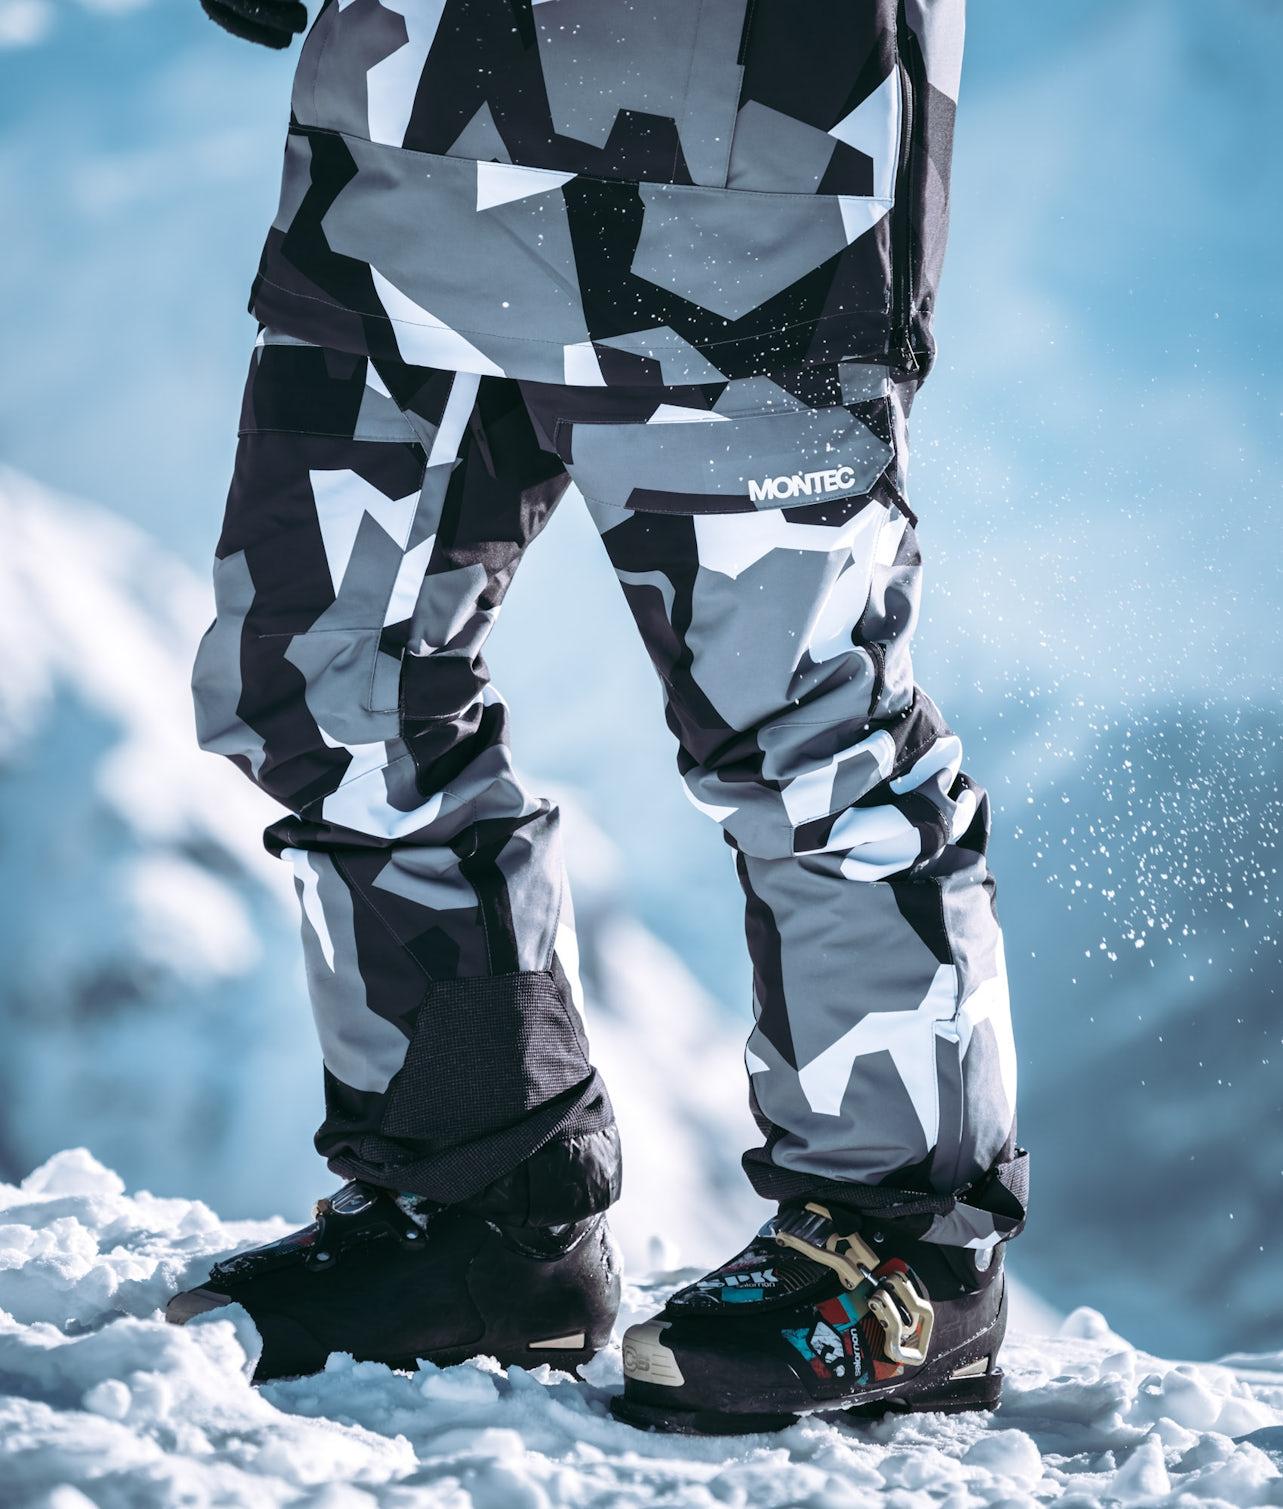 Dune 19 | Achète des Pantalon de Ski de chez Montec sur Ridestore.fr | Bien-sûr, les frais de ports sont offerts et les retours gratuits pendant 30 jours !